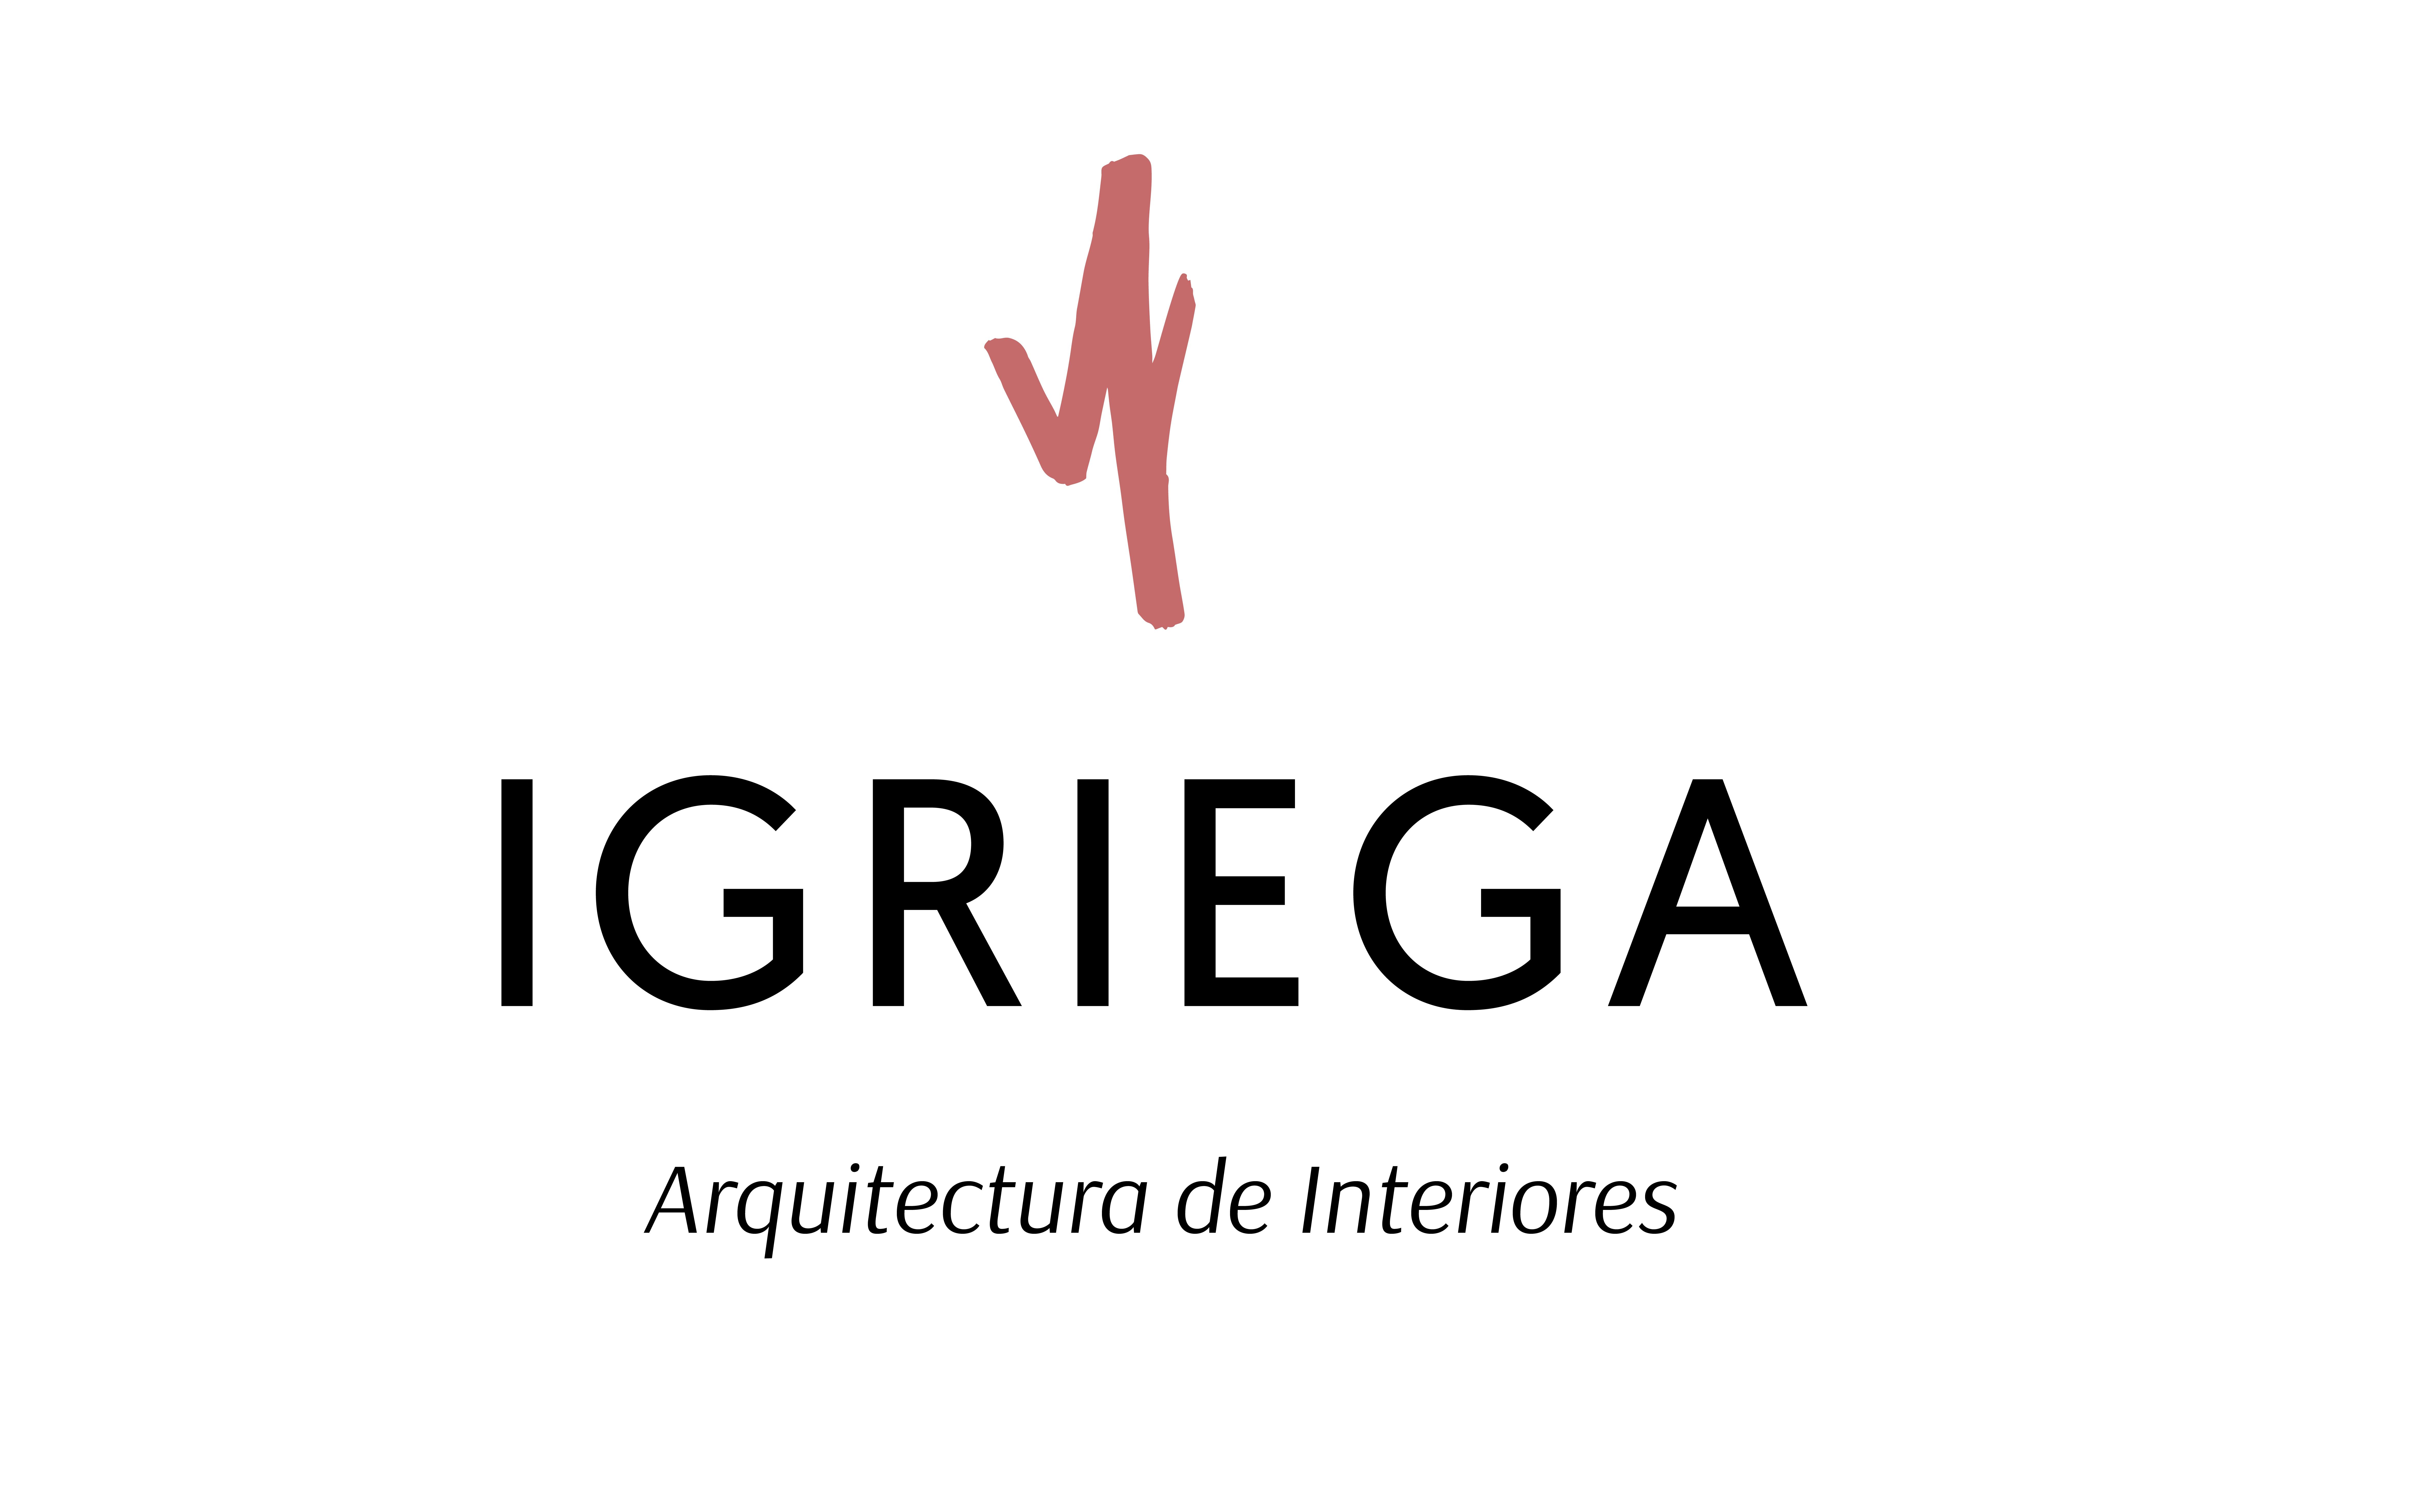 IGRIEGA ARQUITECTURA DE INTERIORES